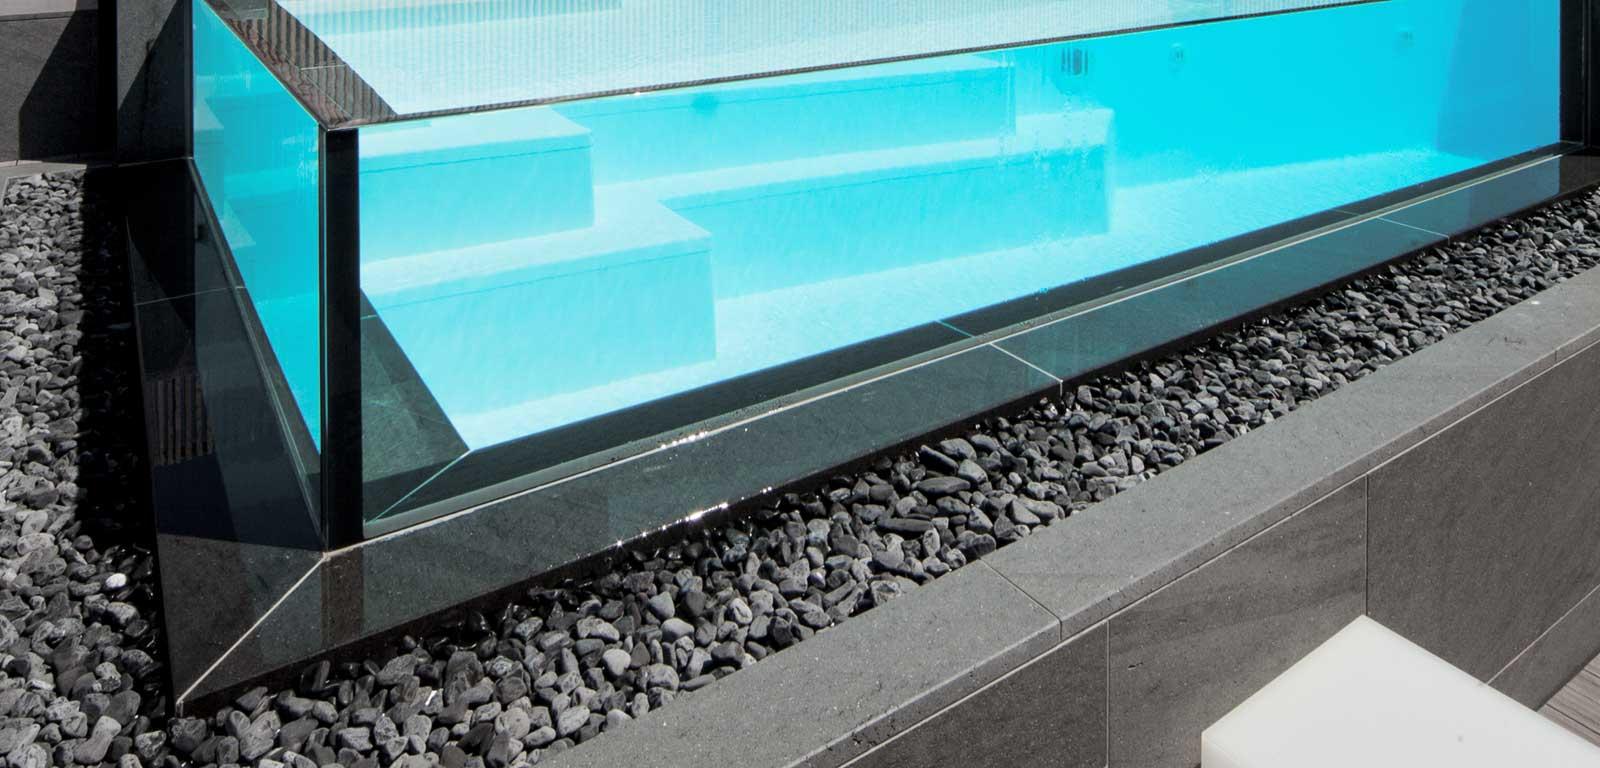 Quanto costa una piscina piscine castiglione for Quanto costa un giro in piscina per costruire